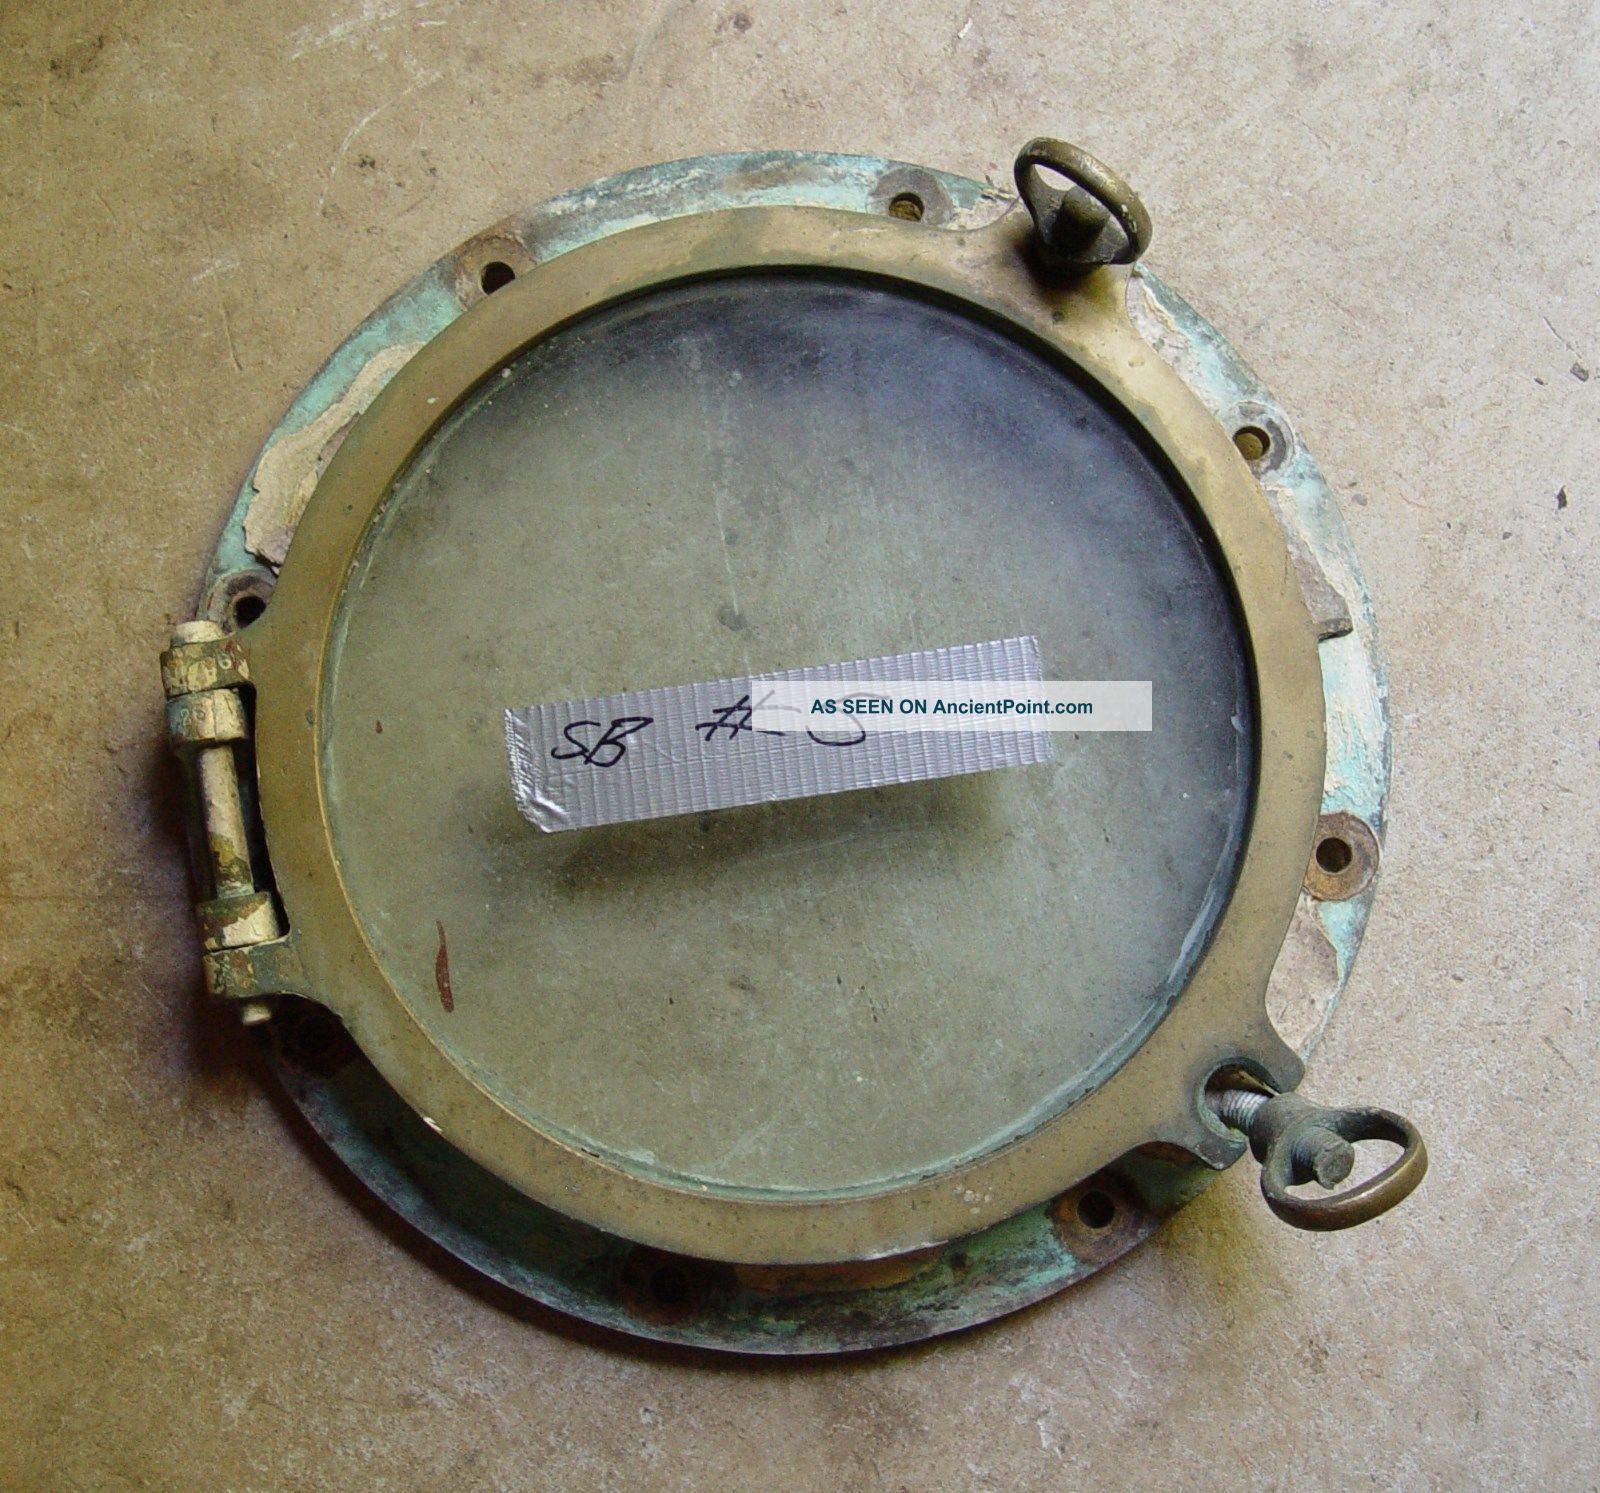 Vintage Brass Porthole,  Treasure Hunting Ship,  Arctic Discoverer,  Tommy Thompson Portholes photo